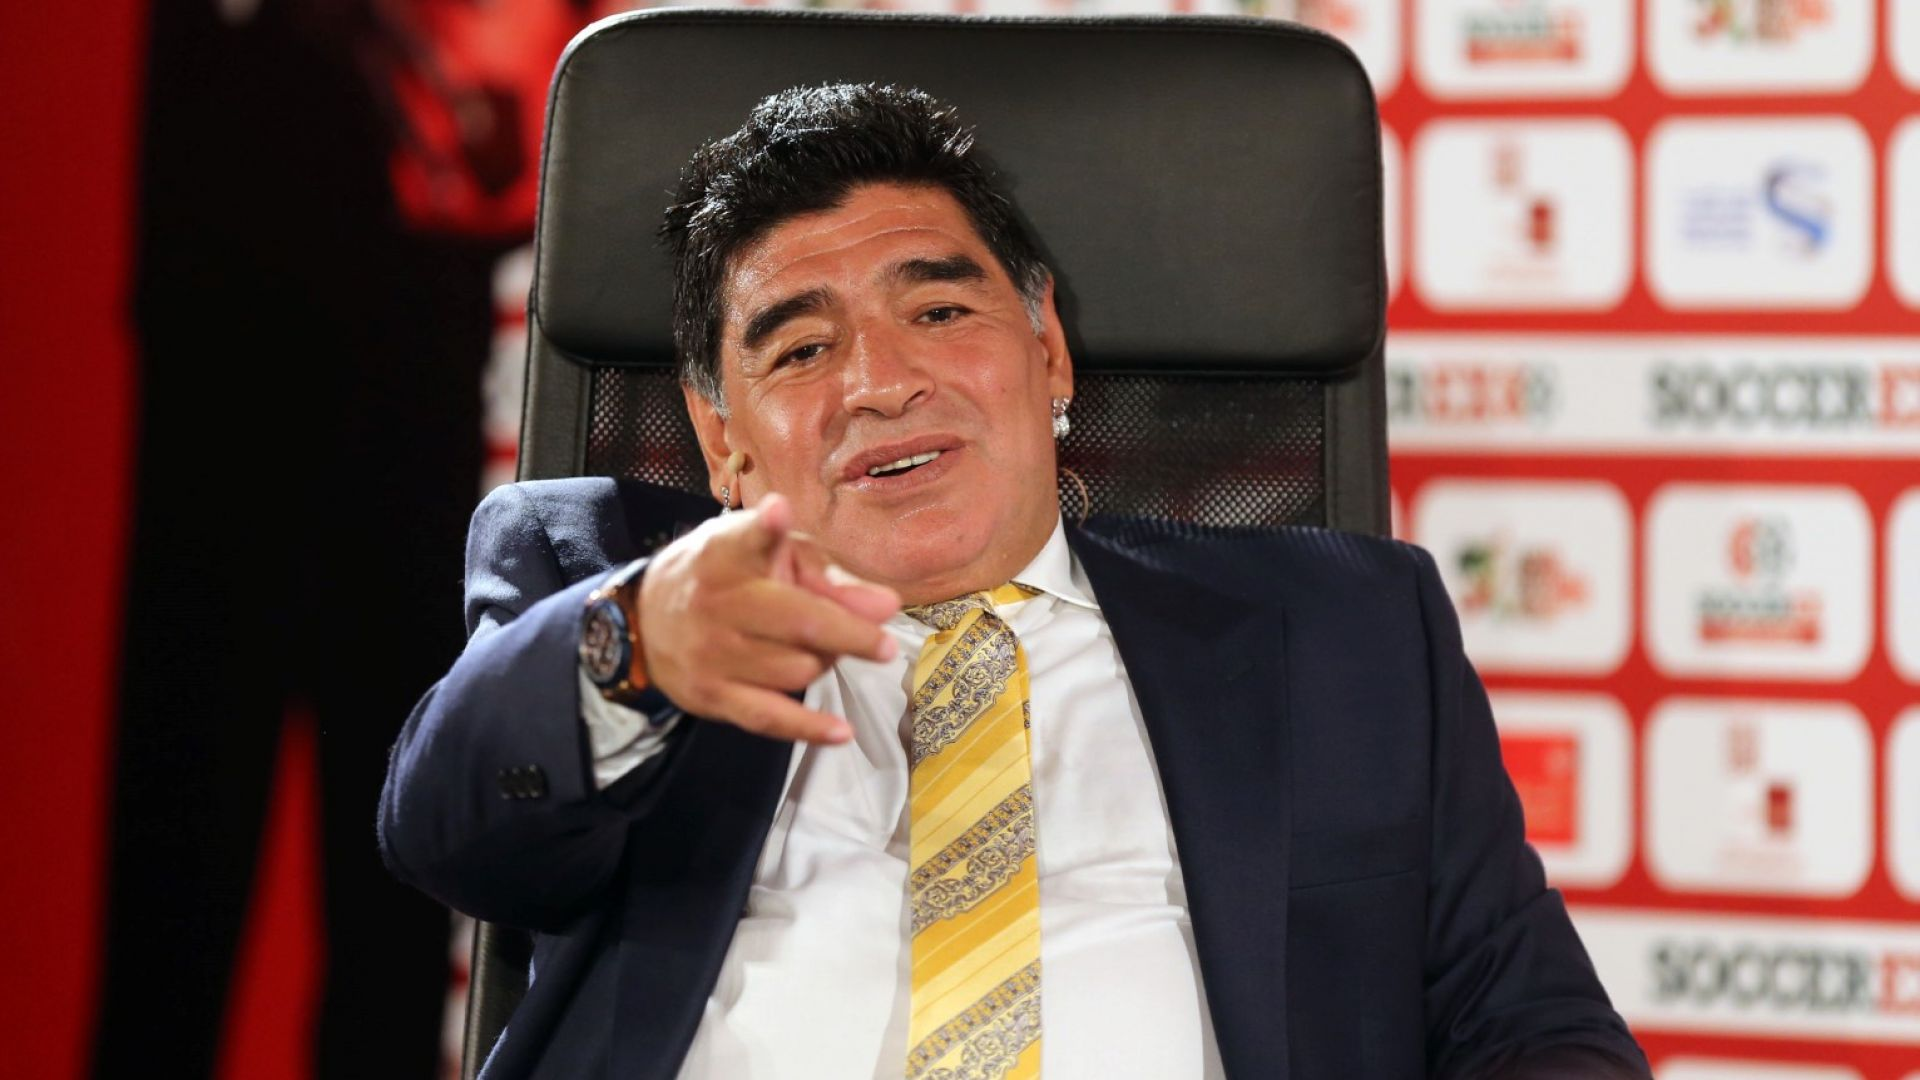 Посмъртно оправдаха Марадона по обвинението за данъчни измами